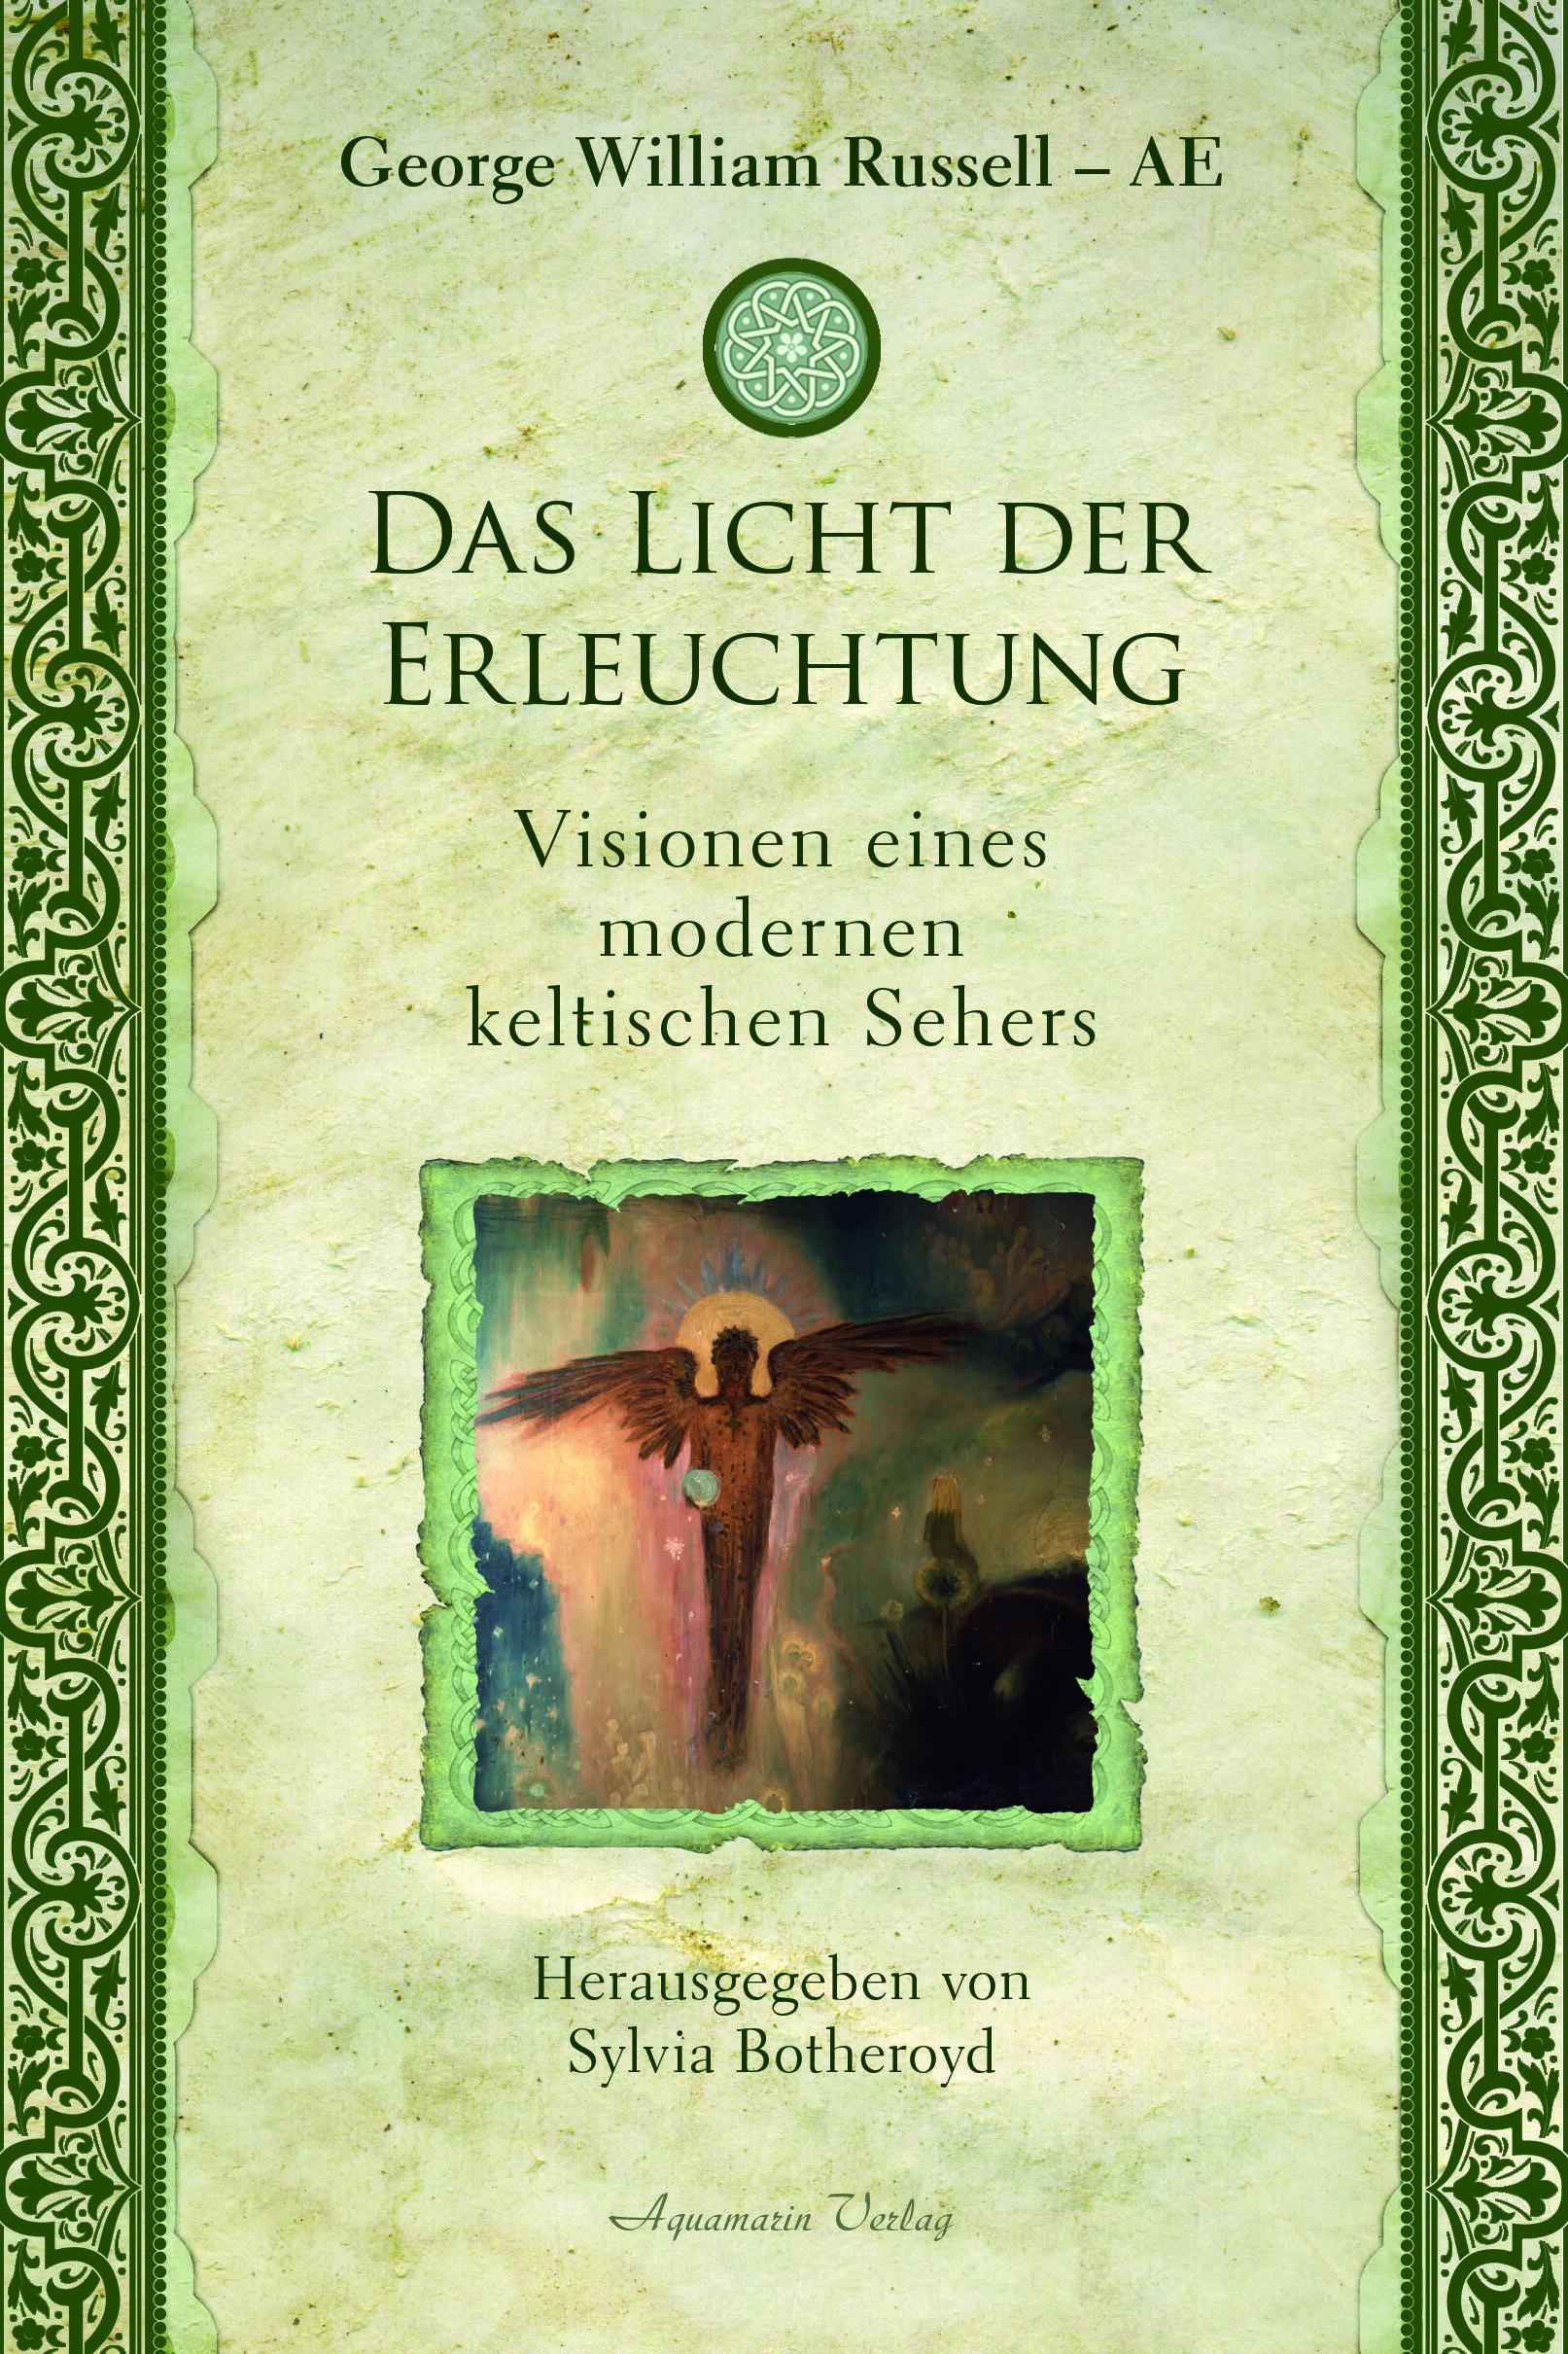 Das Licht der Erleuchtung. Visionen eines modernen keltischen Sehers.